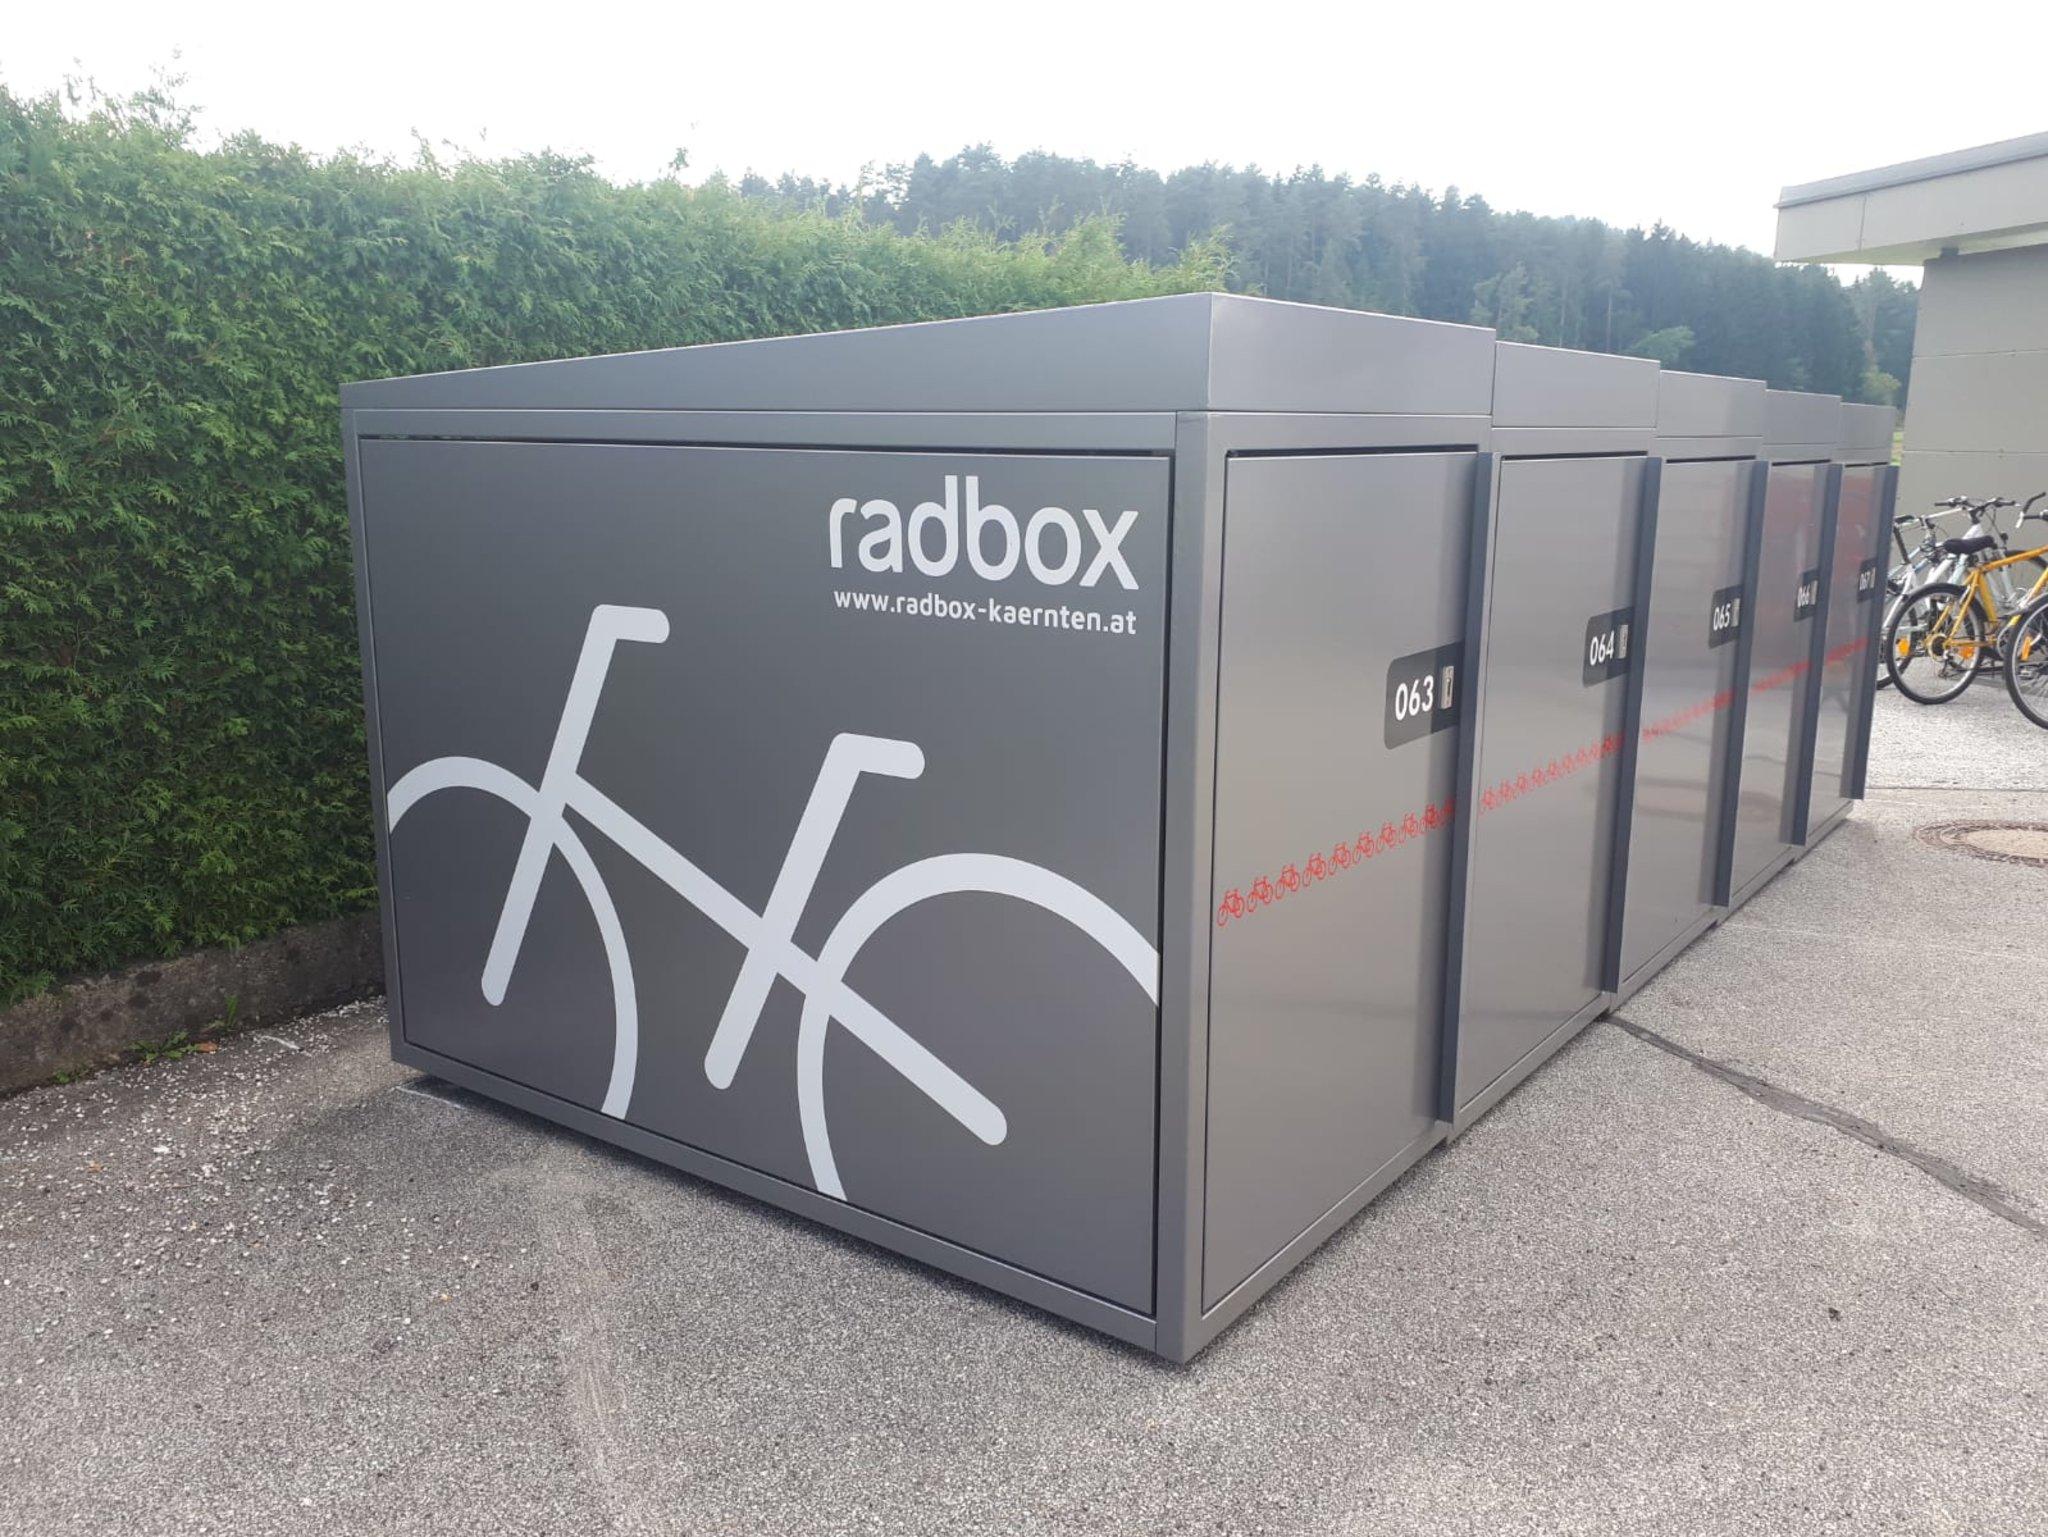 Für Pendler: Radboxen am Bahnhof St. Michael ob Bleiburg zu